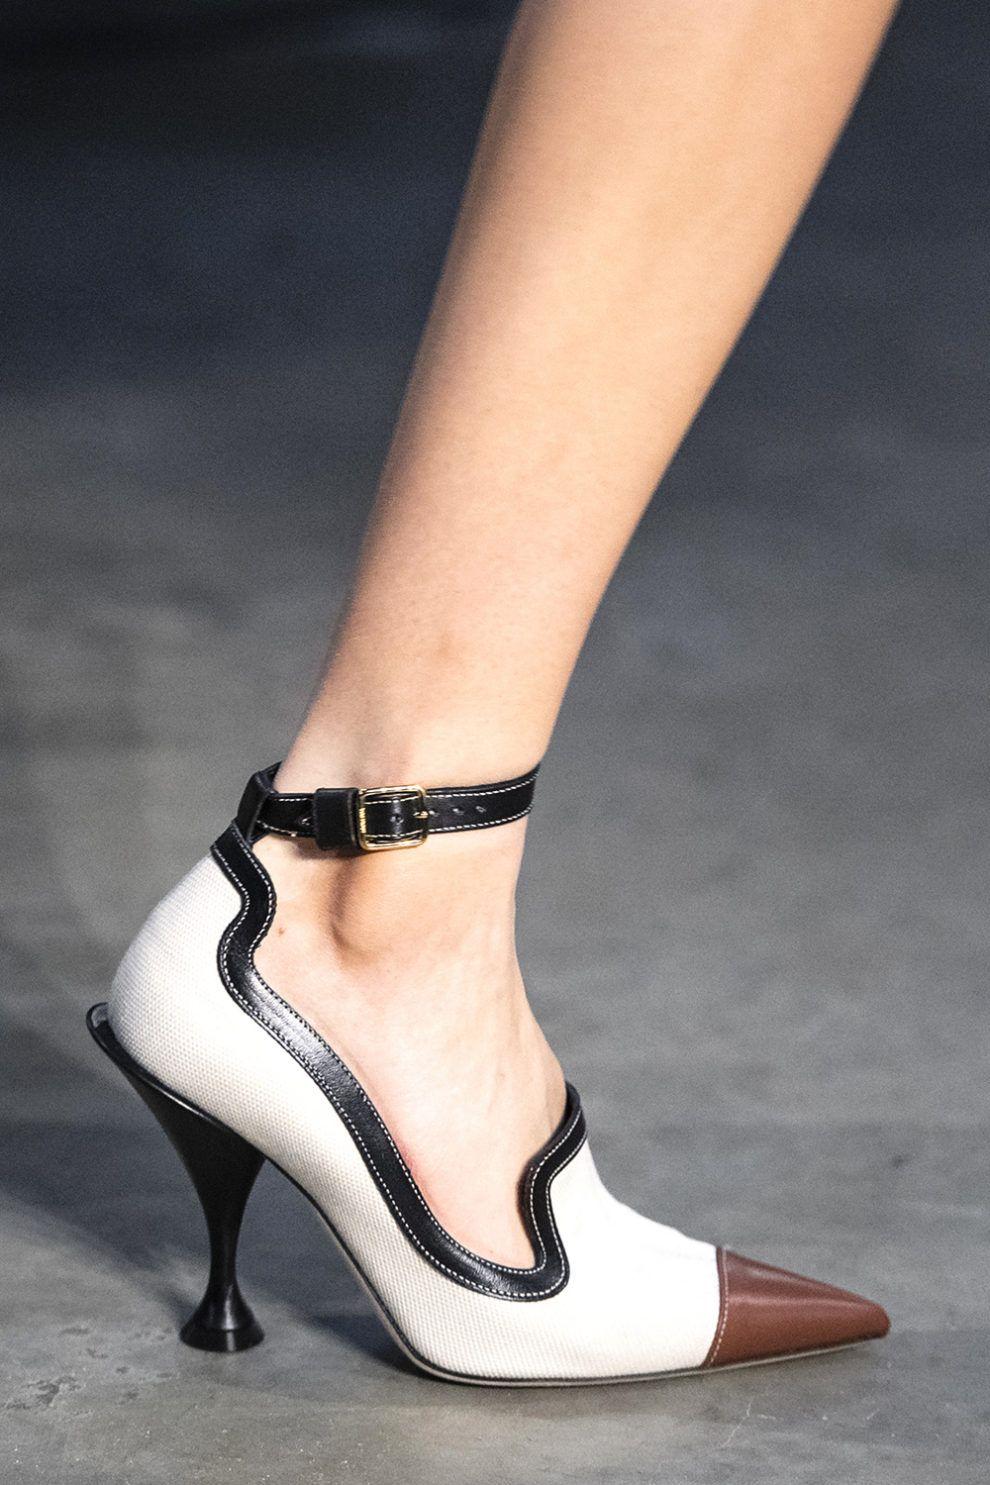 50 лучших пар обуви Недели моды в Лондоне | Недели моды в ...